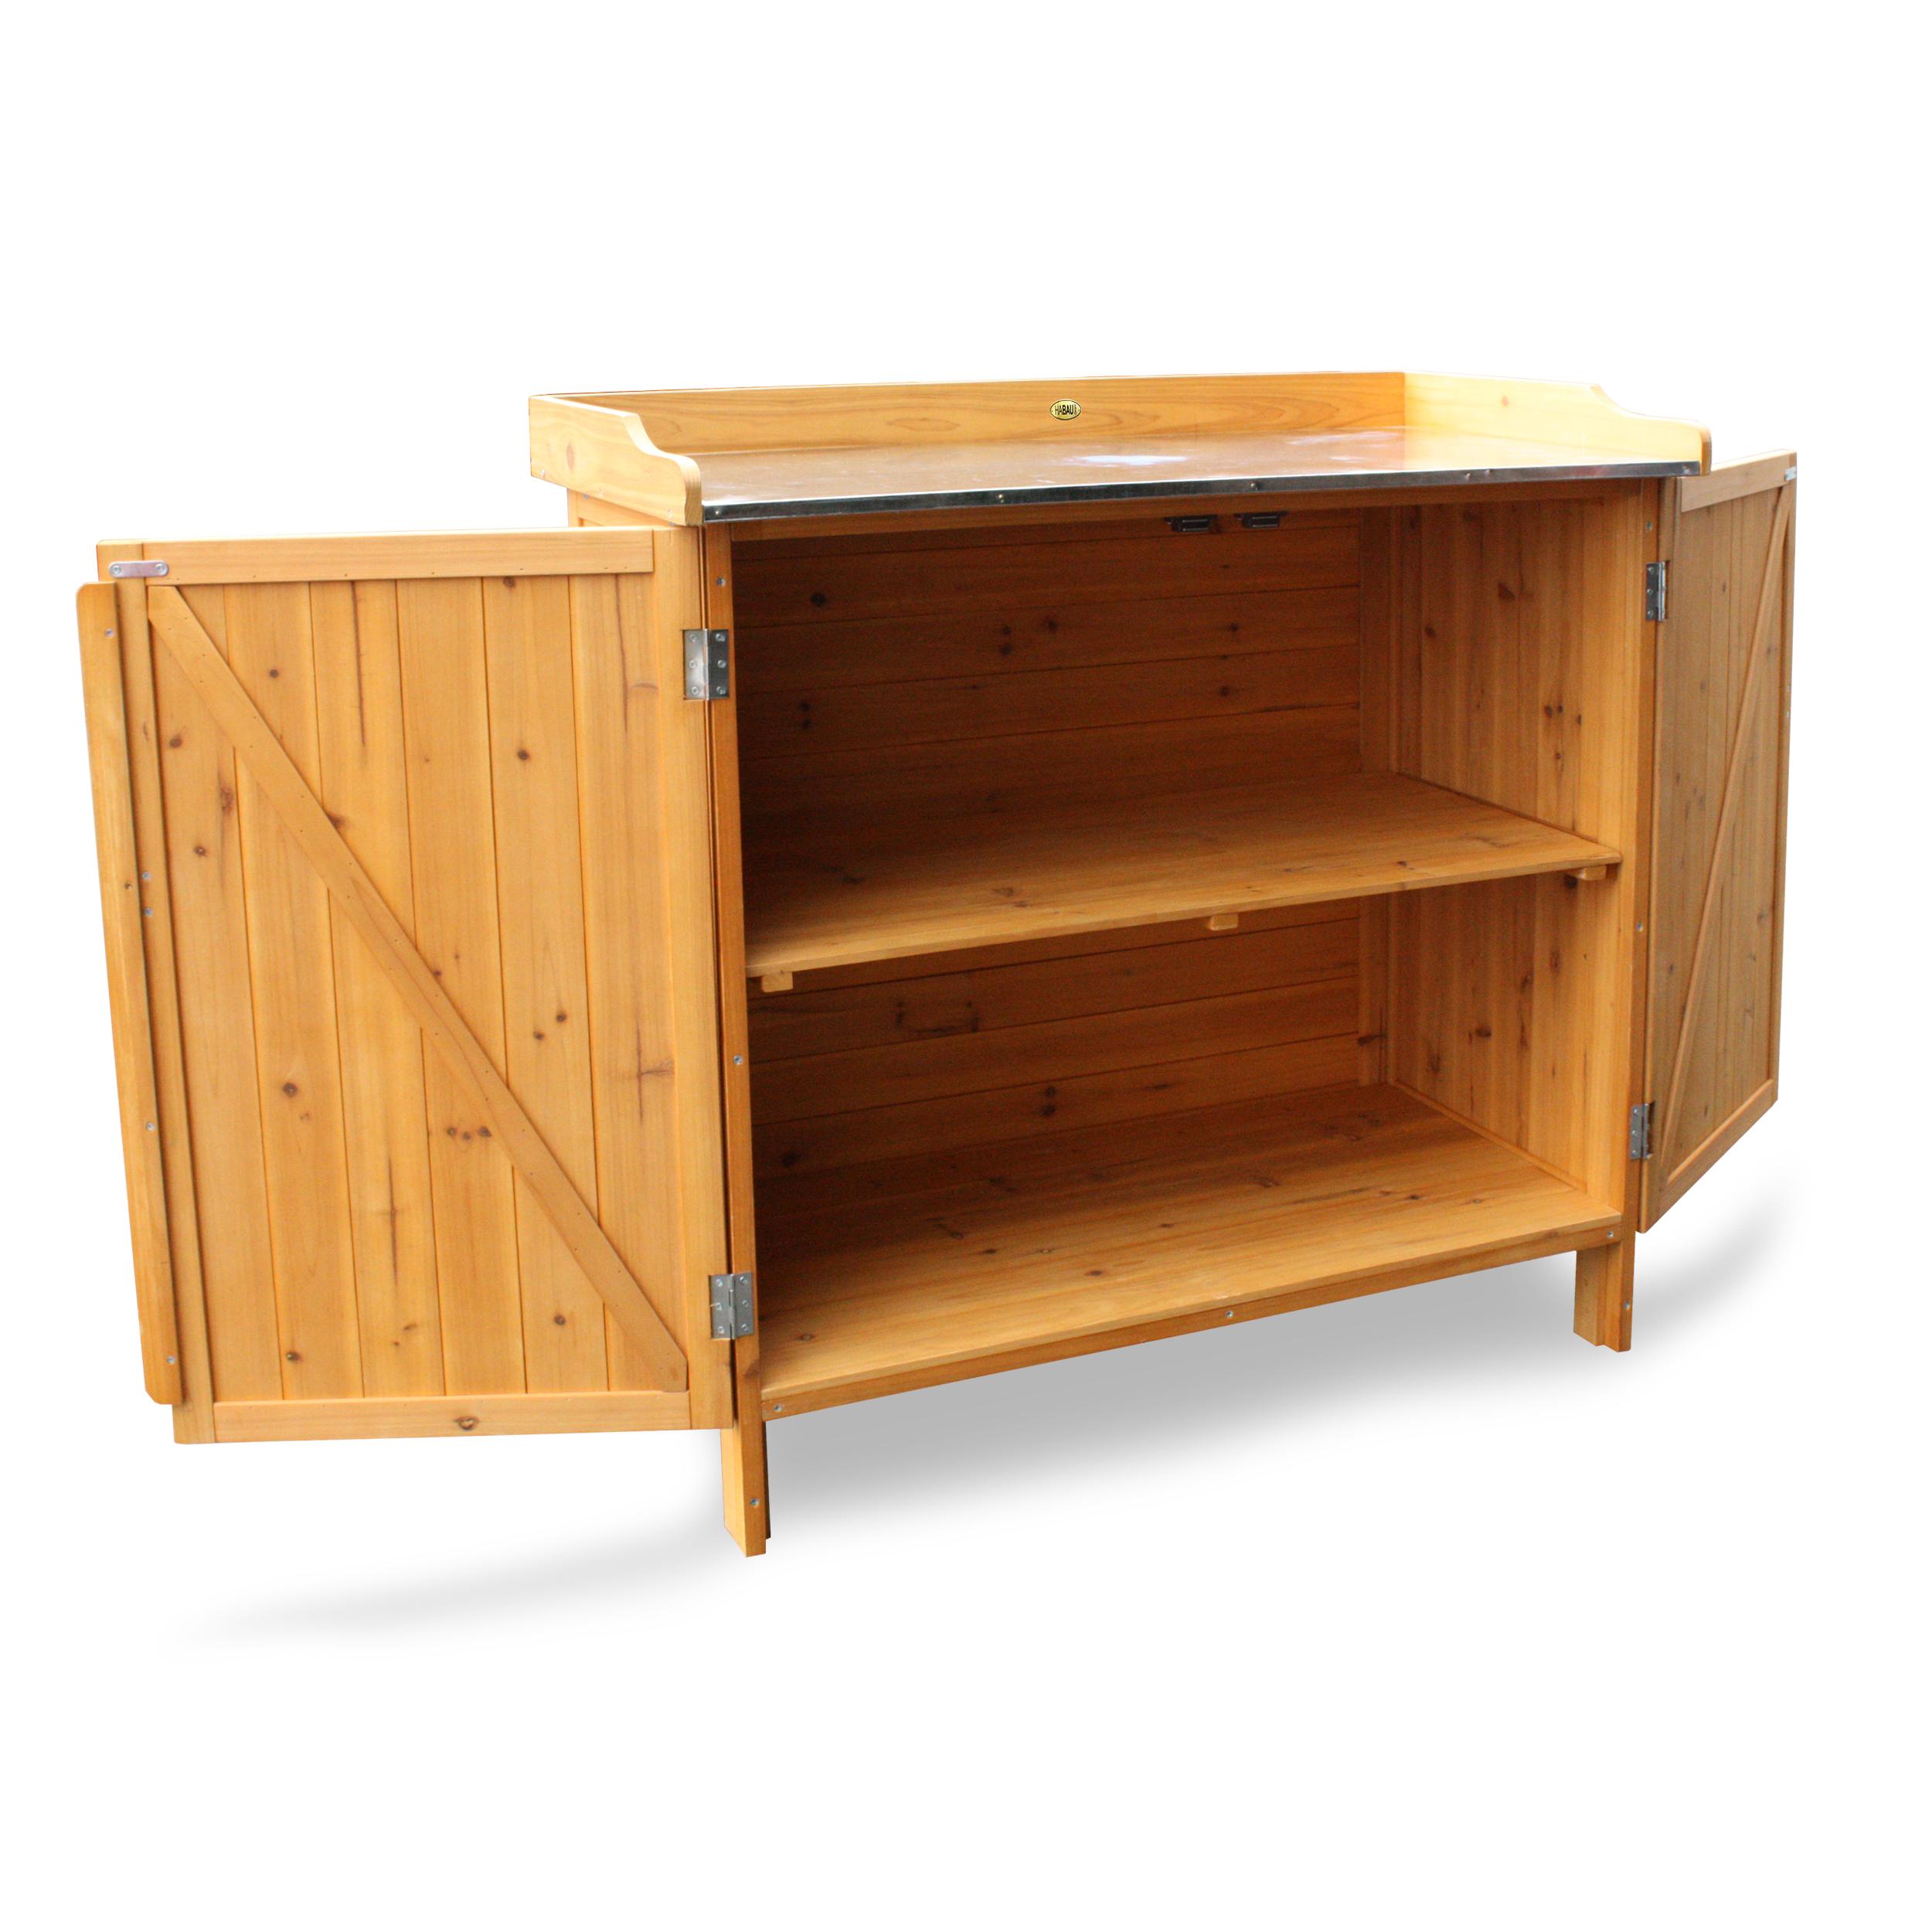 HABAU Gartentisch mit Unterschrank und Einlegeboden - 3106